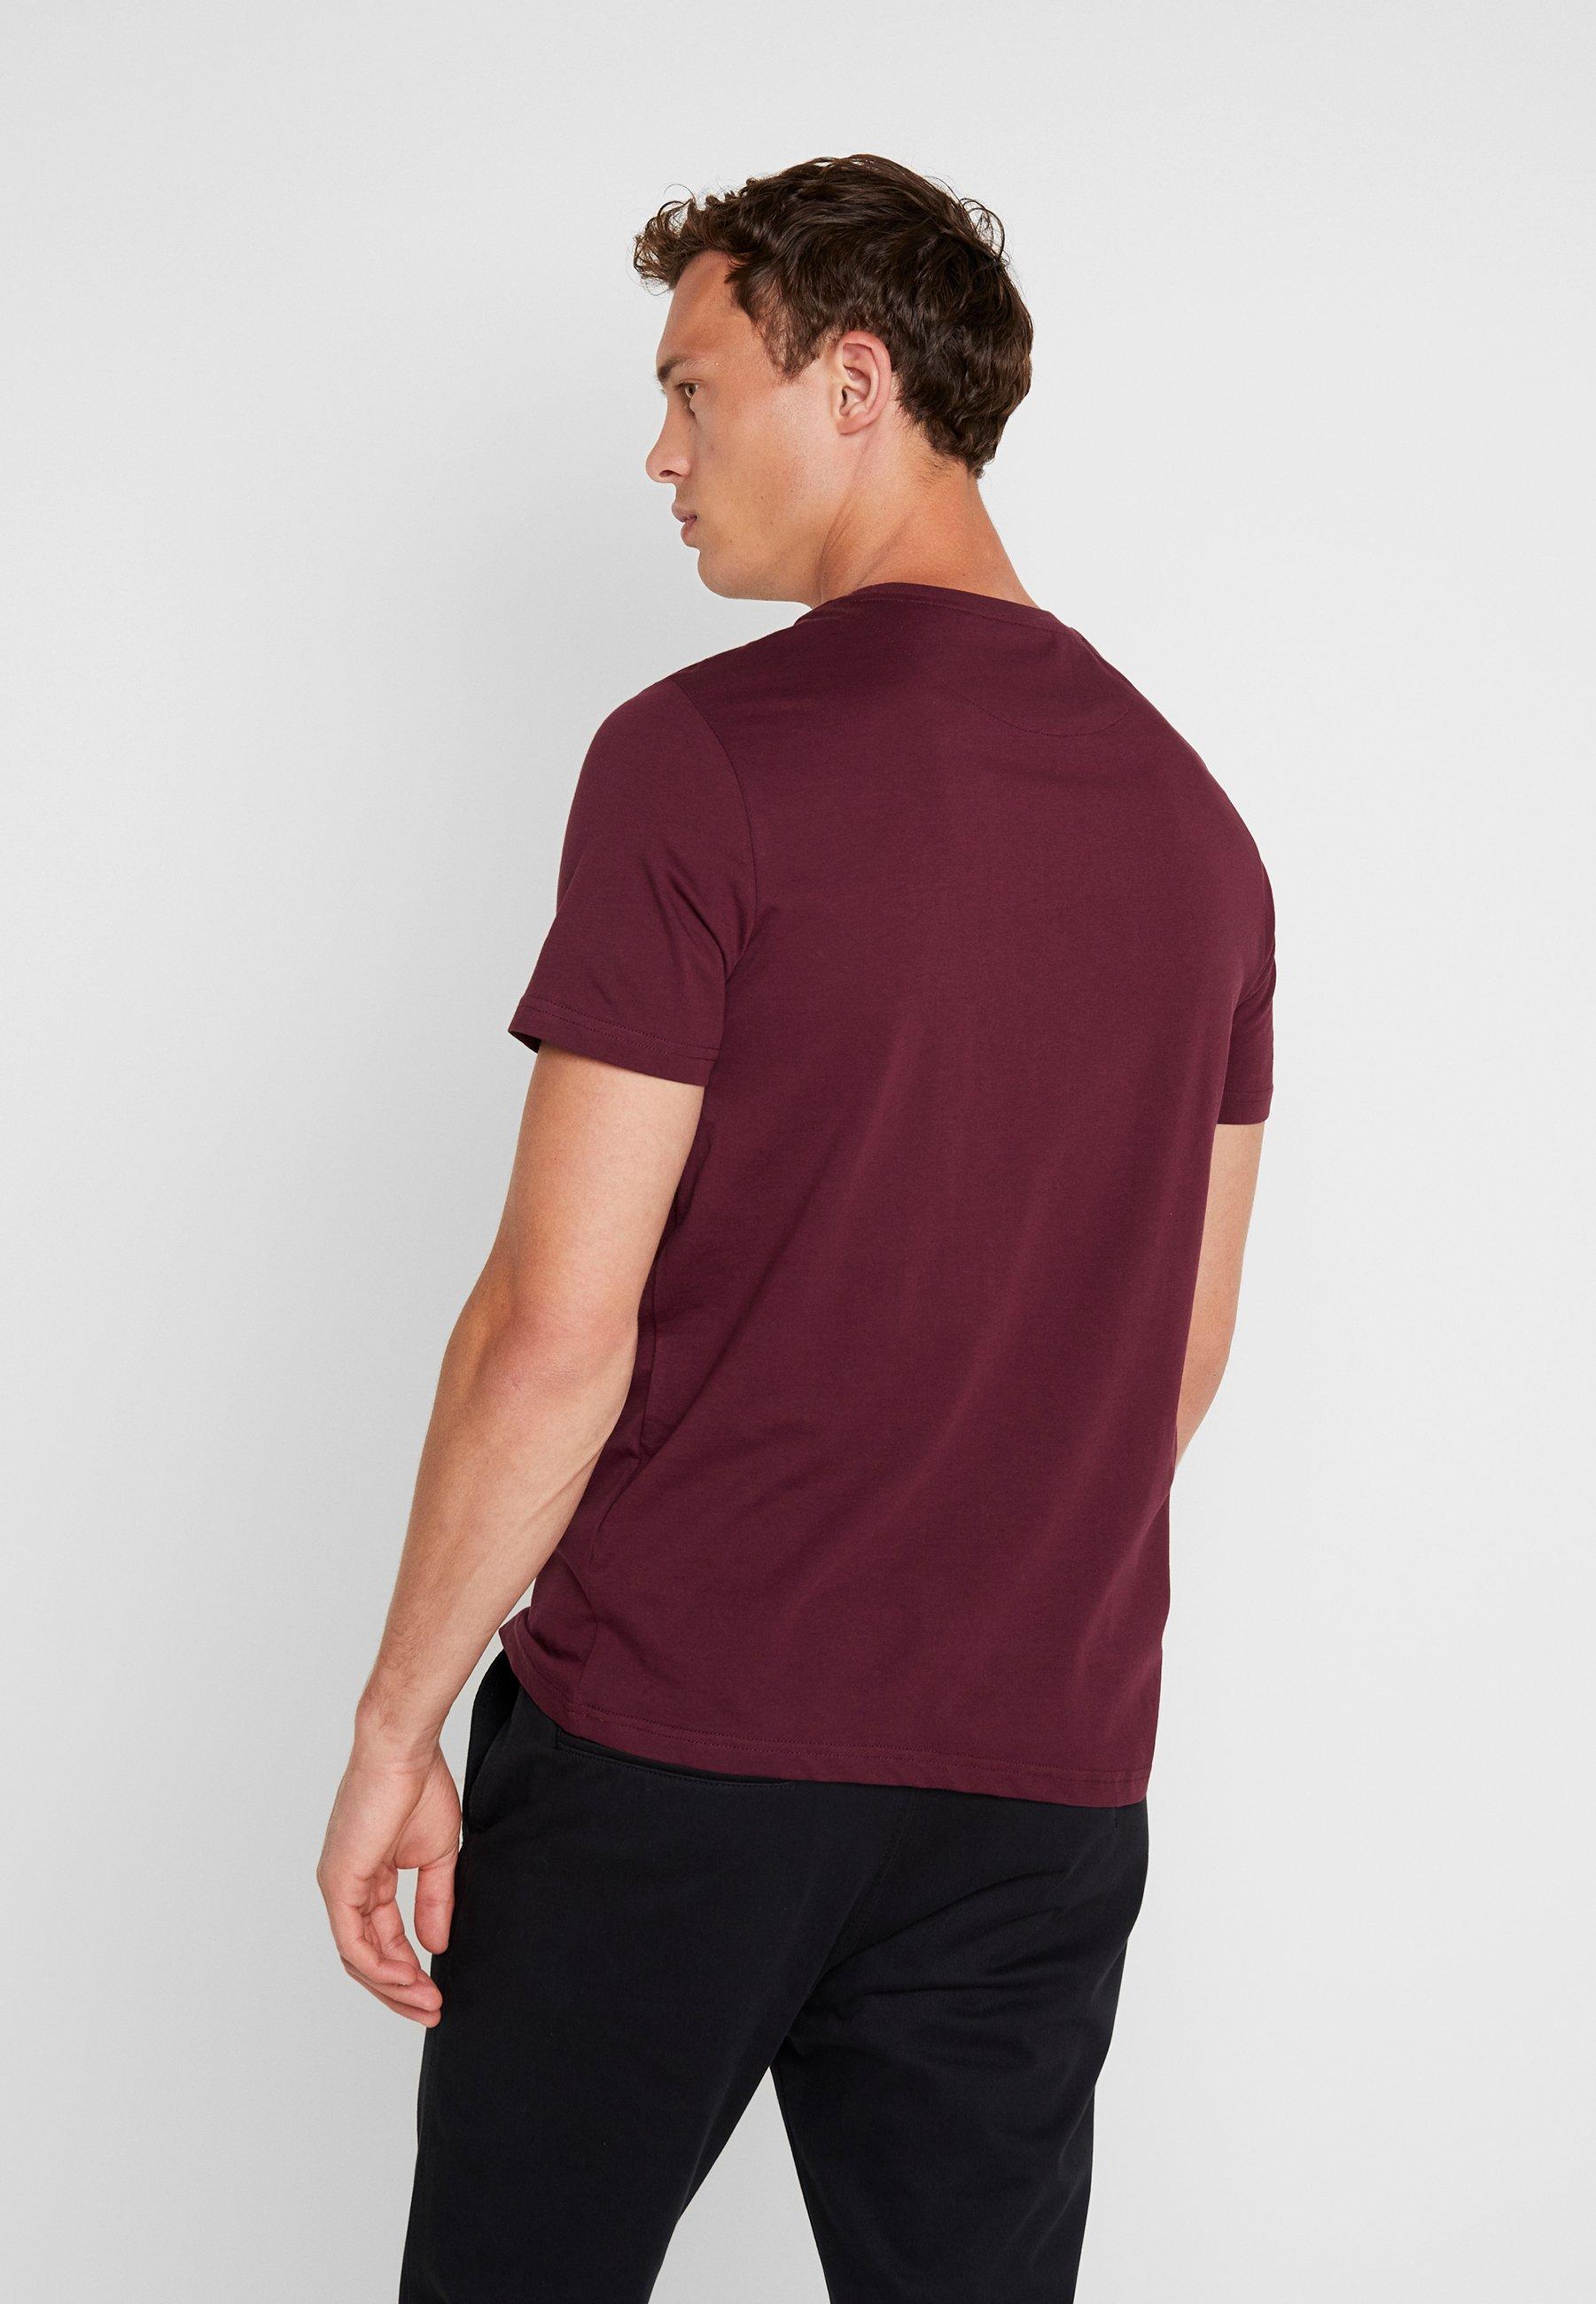 Burgundy Crew Scott Basique NeckT Lyleamp; shirt IEHeWD29Y